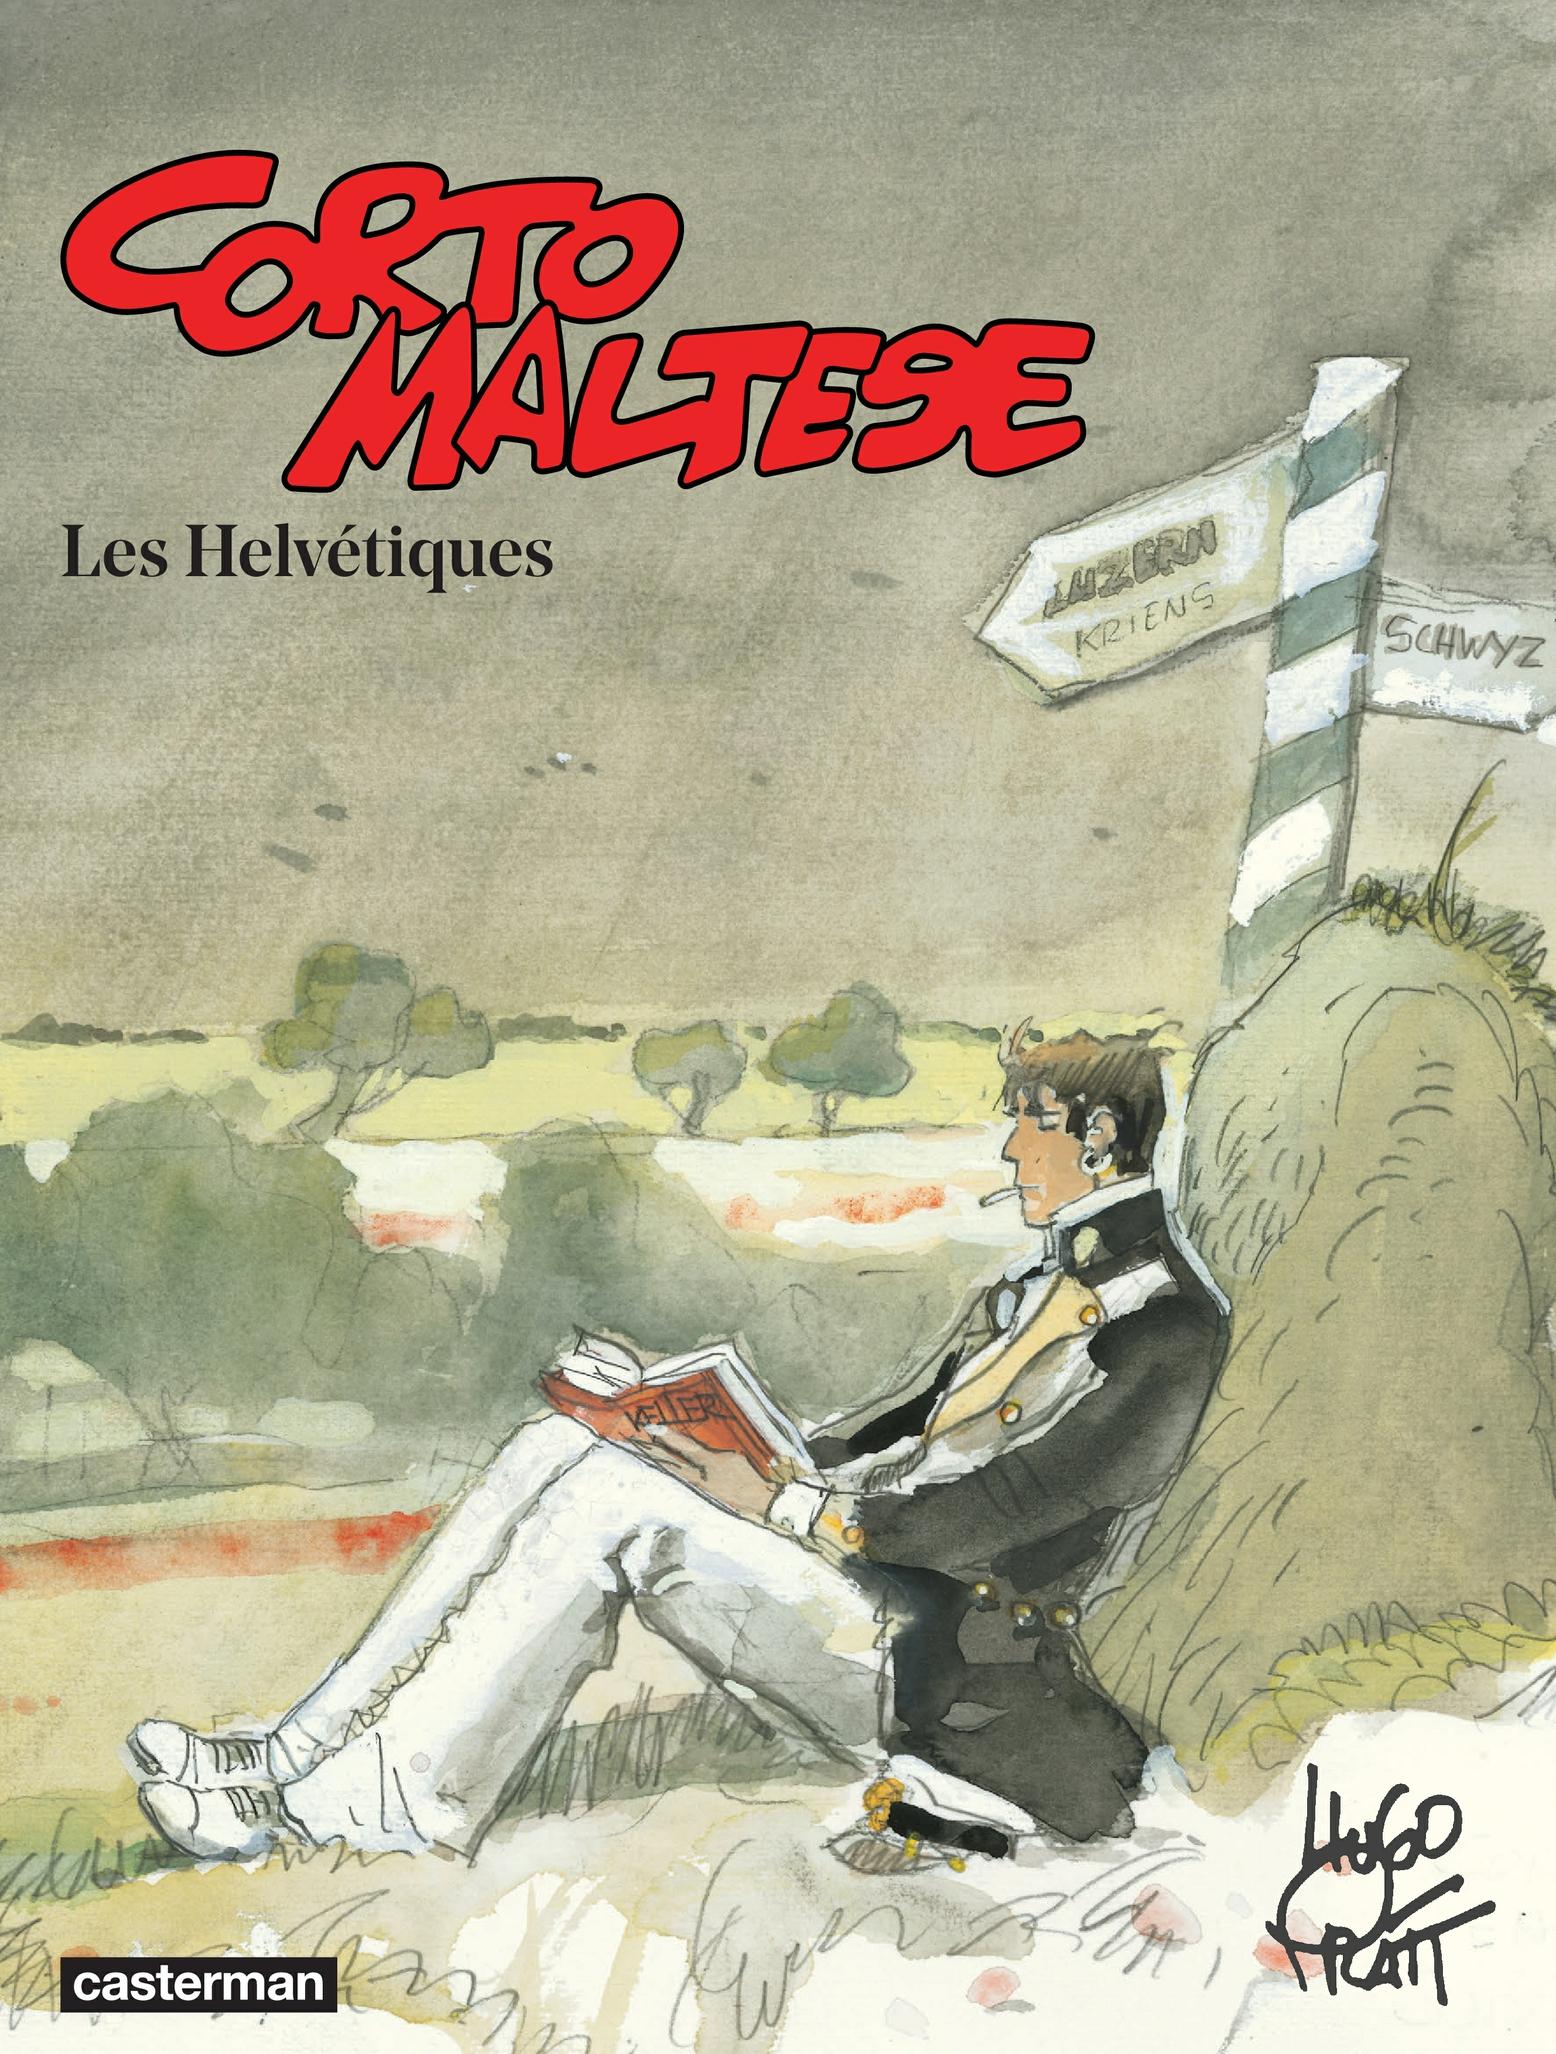 Corto Maltese (Tome 11) - Les Helvétiques